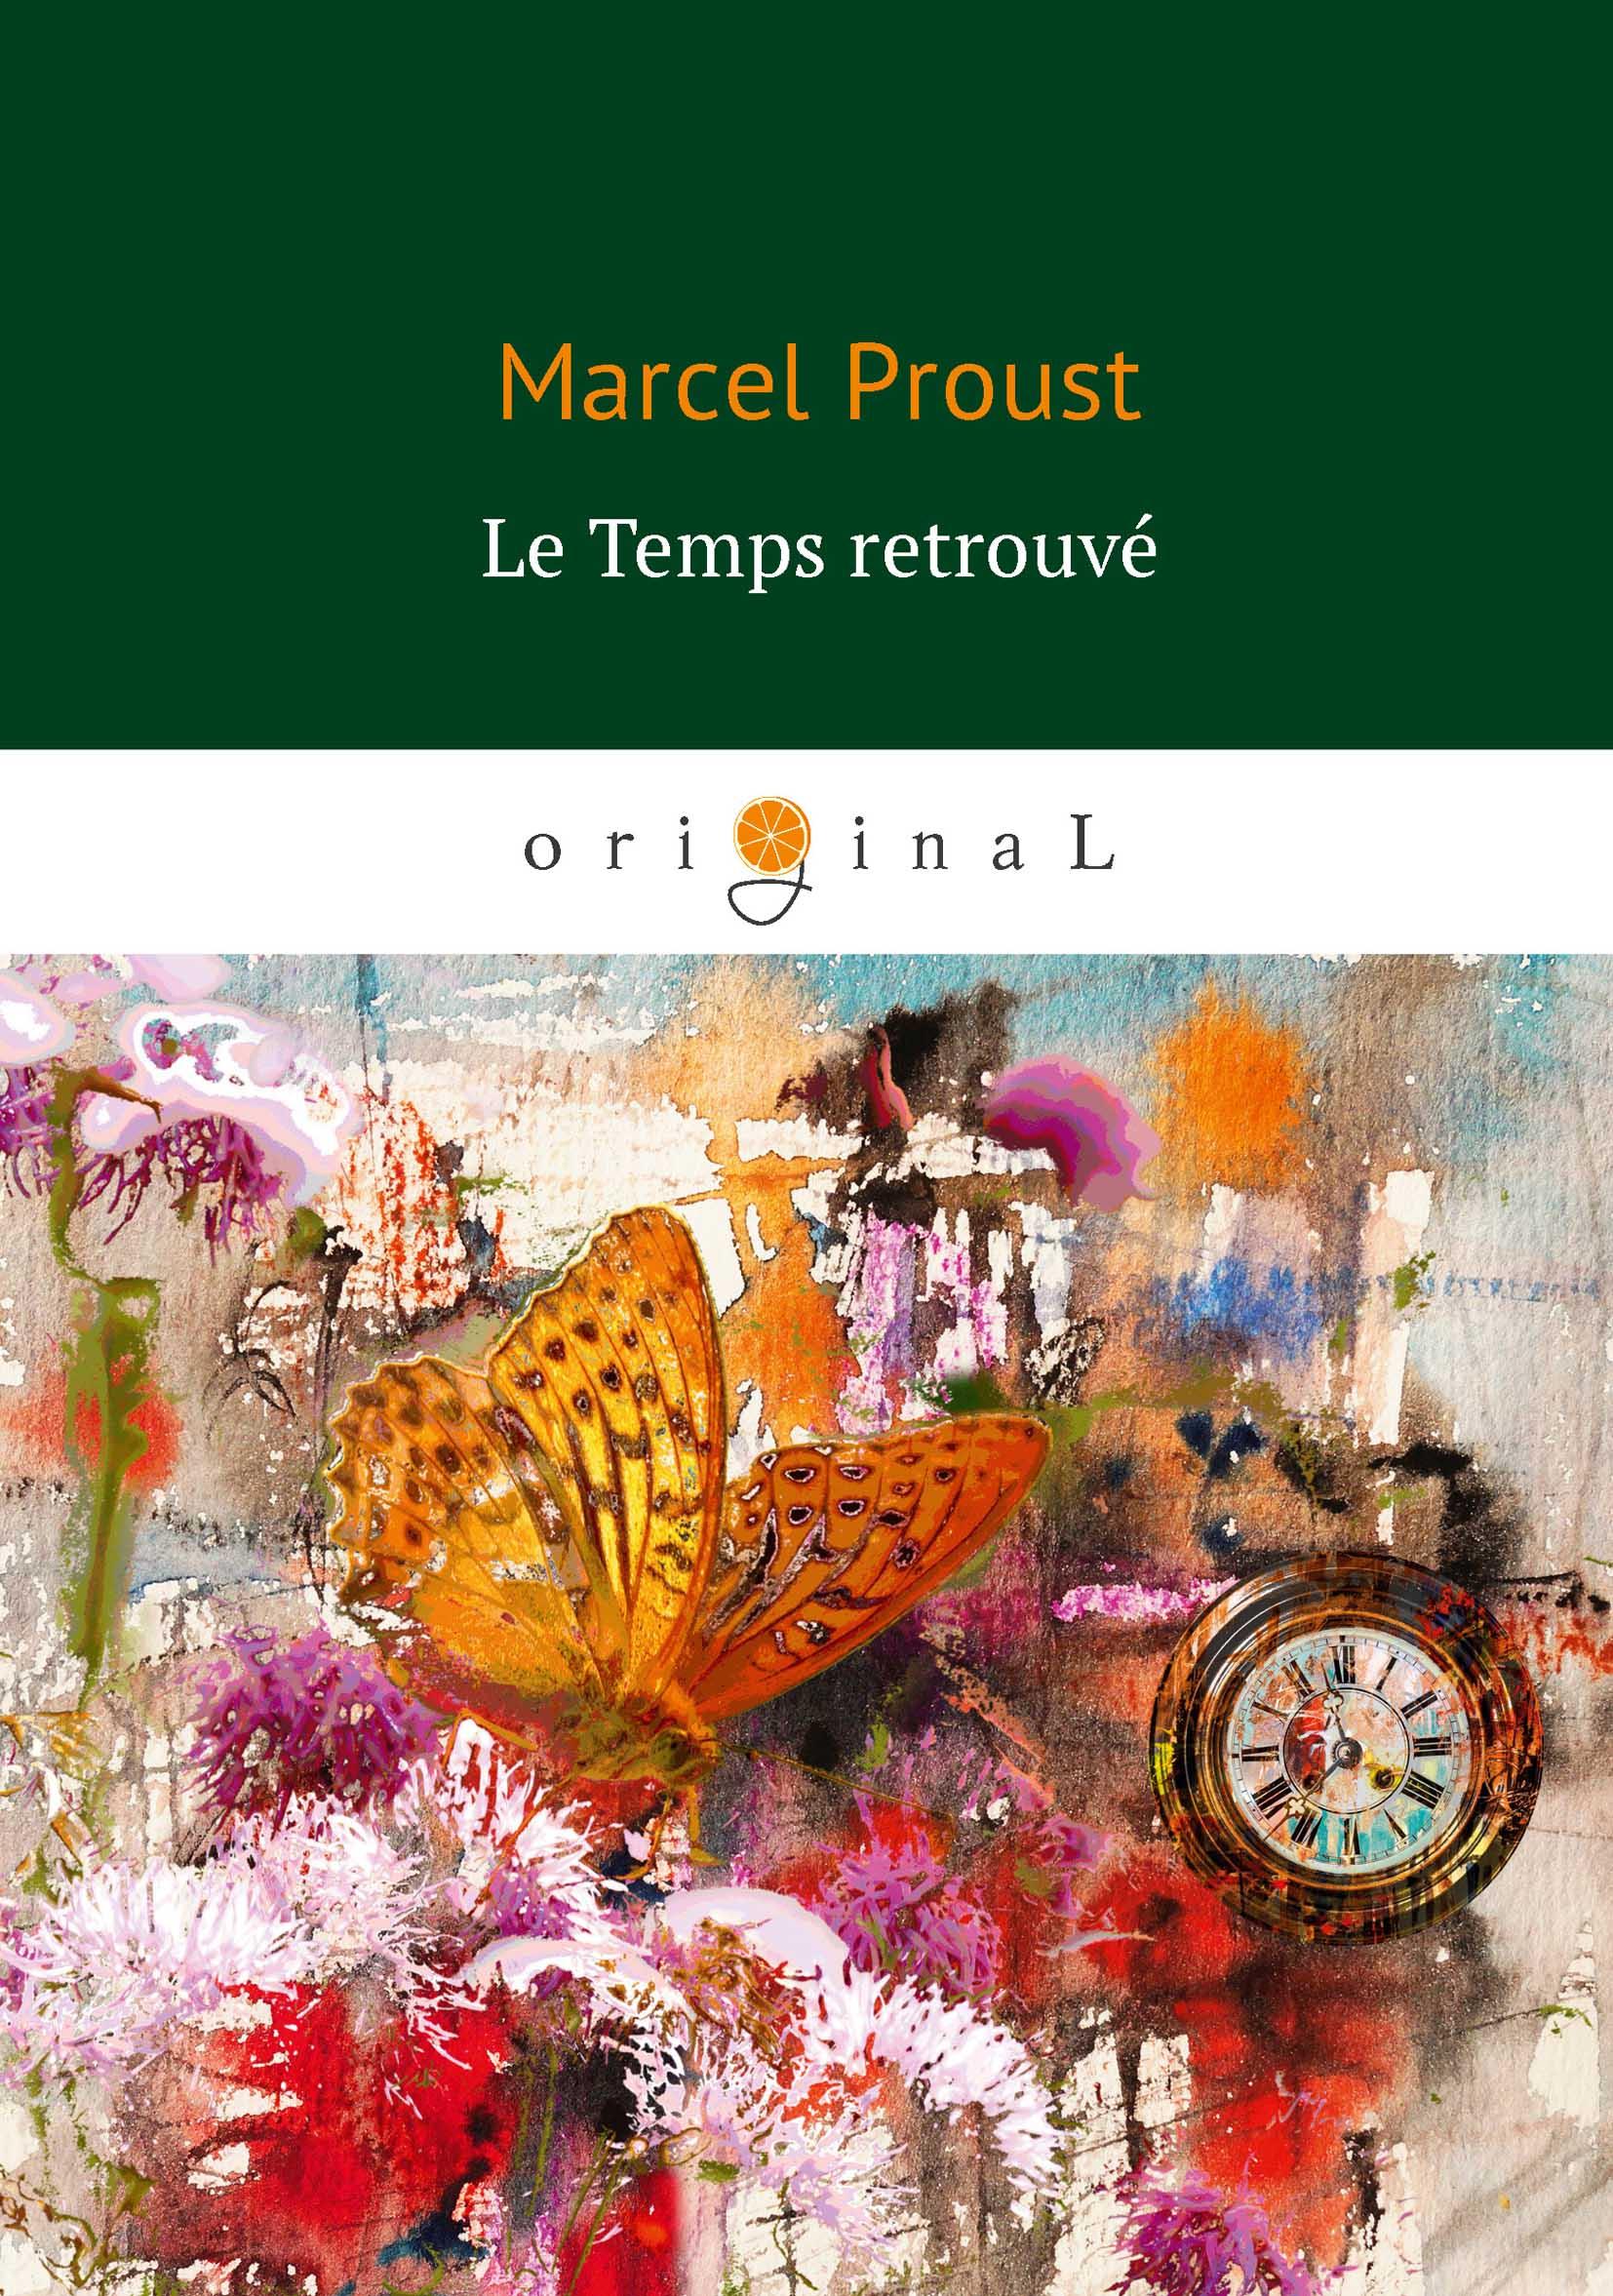 Marcel Proust Le Temps retrouve (Обретённое время) edmond de goncourt quelques créatures de ce temps